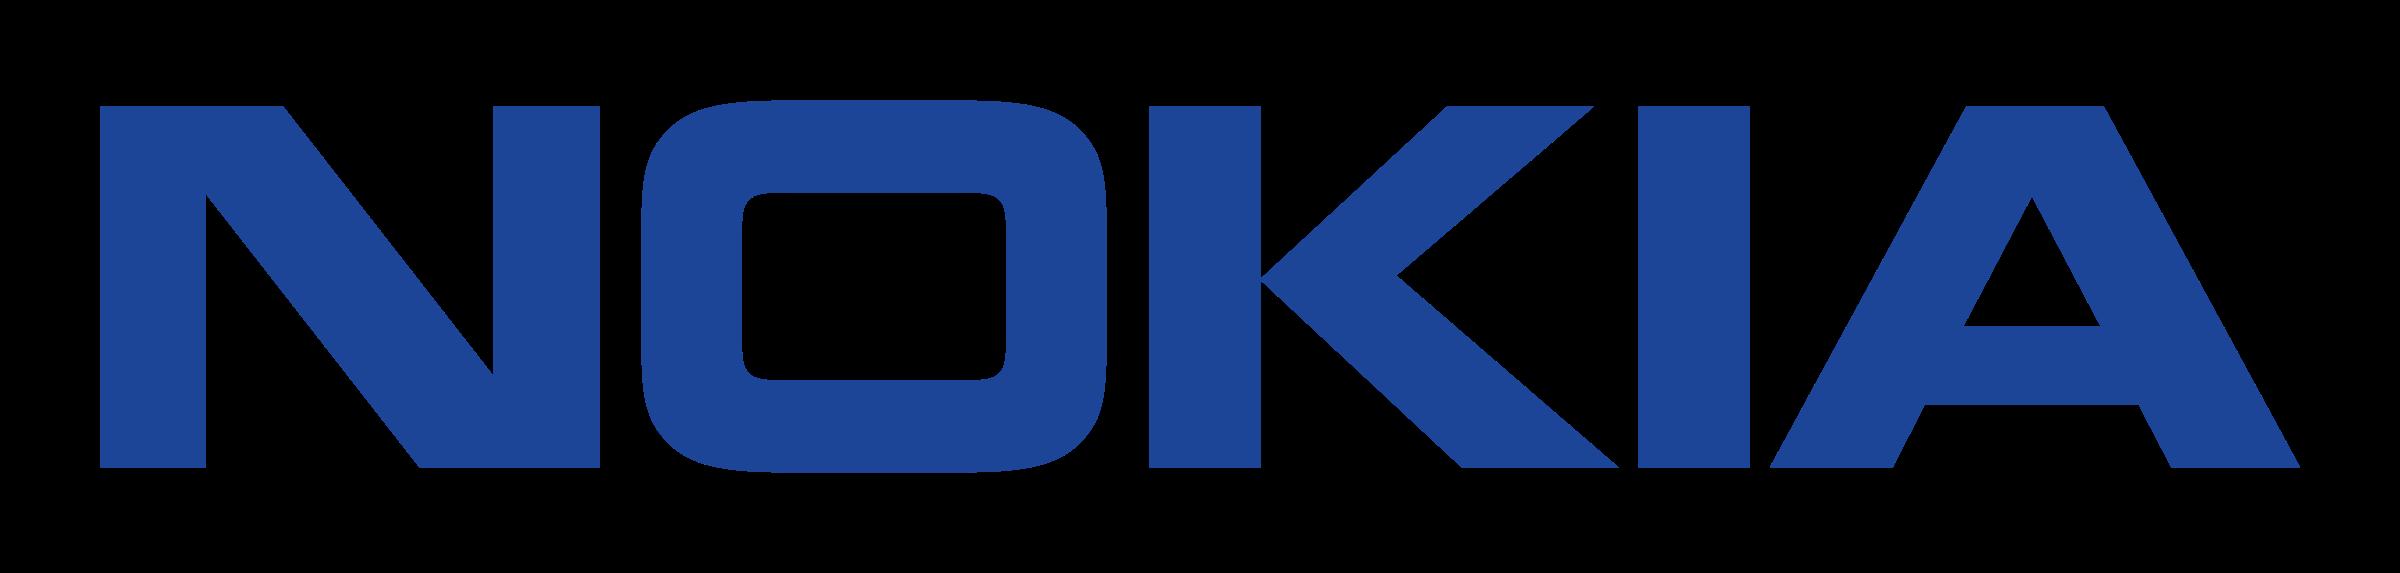 klick um nach brand_nokia Geräten zu filtern